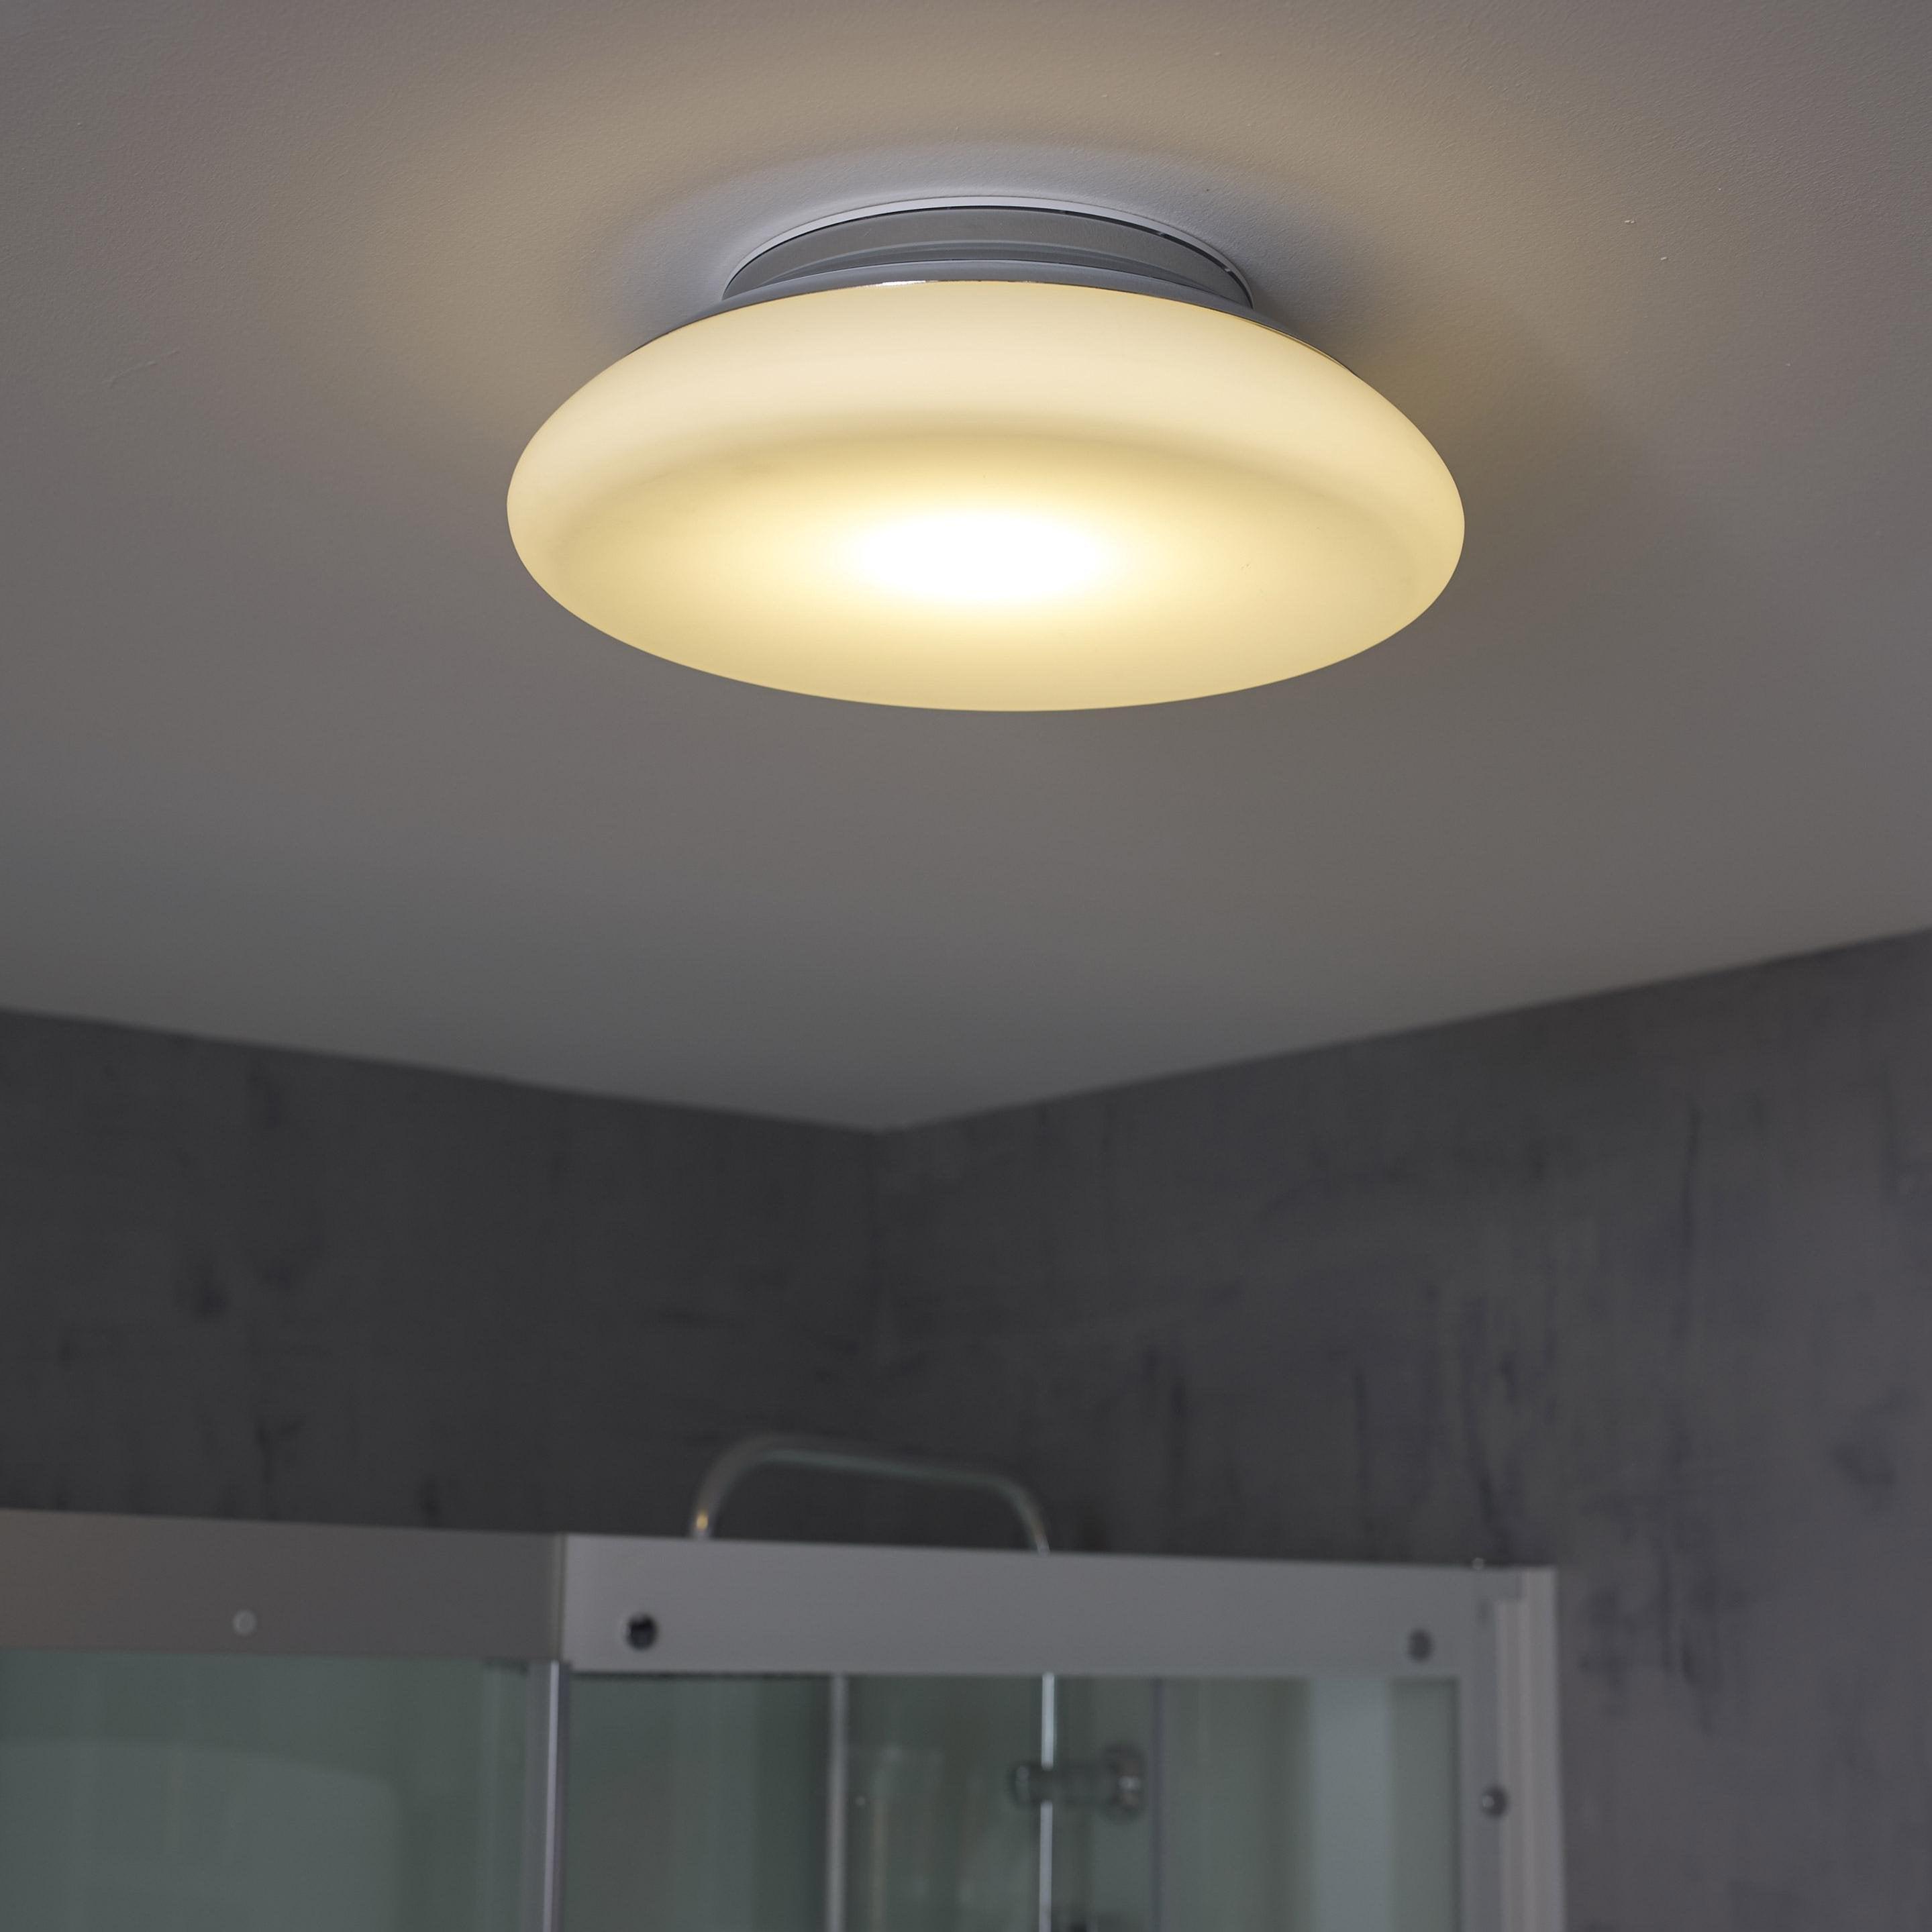 Plafonnier Volta, LED 1 x 16 W, LED intégrée changement de couleurs et de blancs